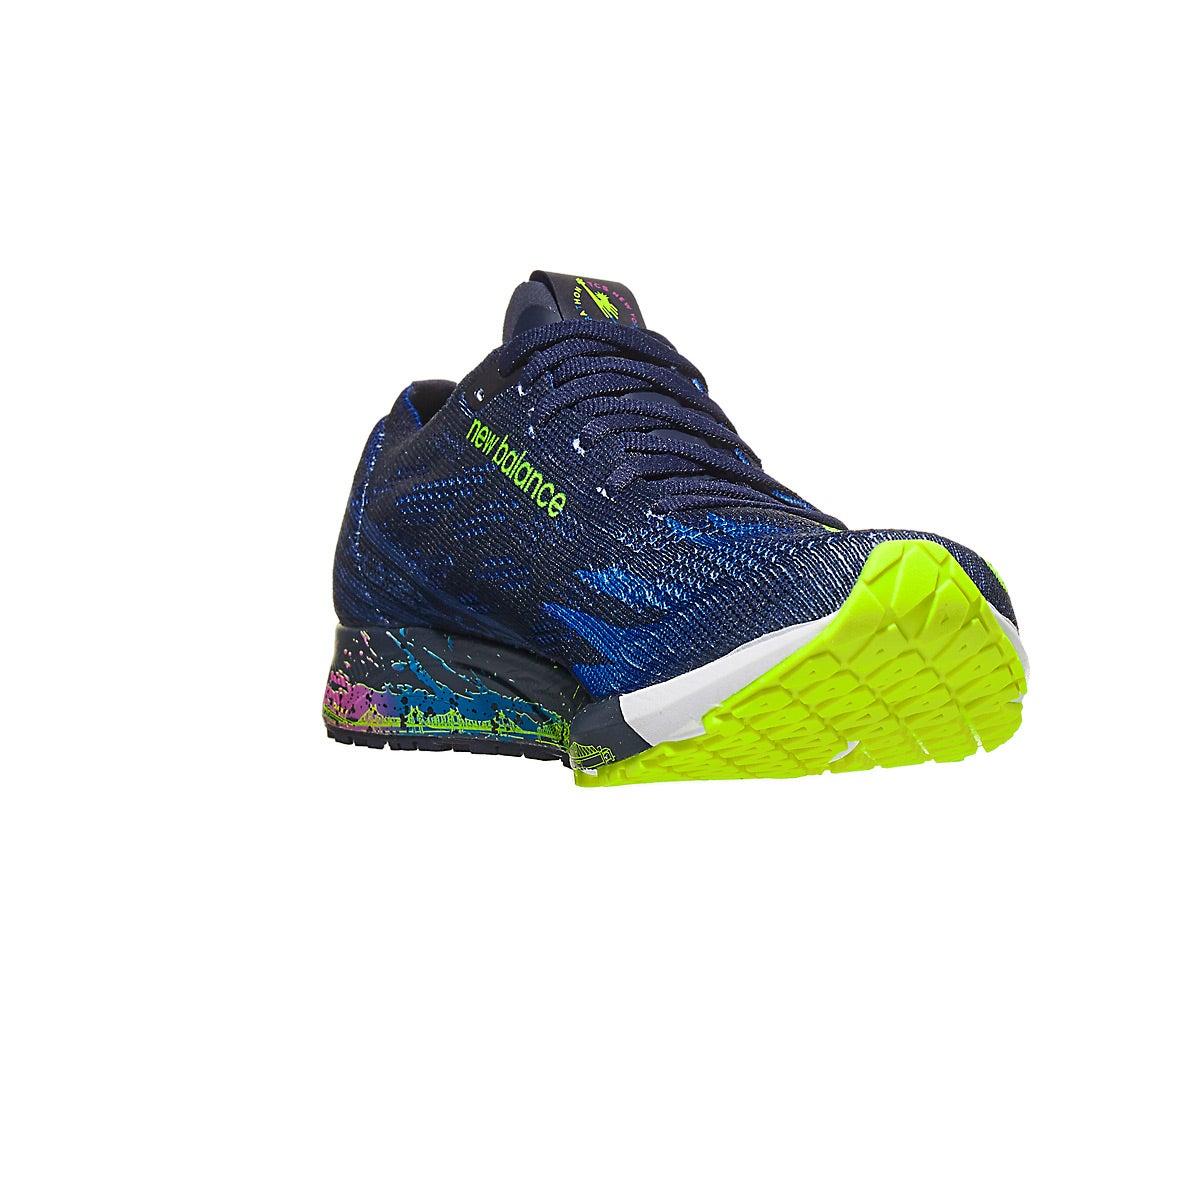 specjalne do butów Nowa kolekcja kup tanio New Balance 1500 v6 Women's Shoes NYC 360° View | Running ...